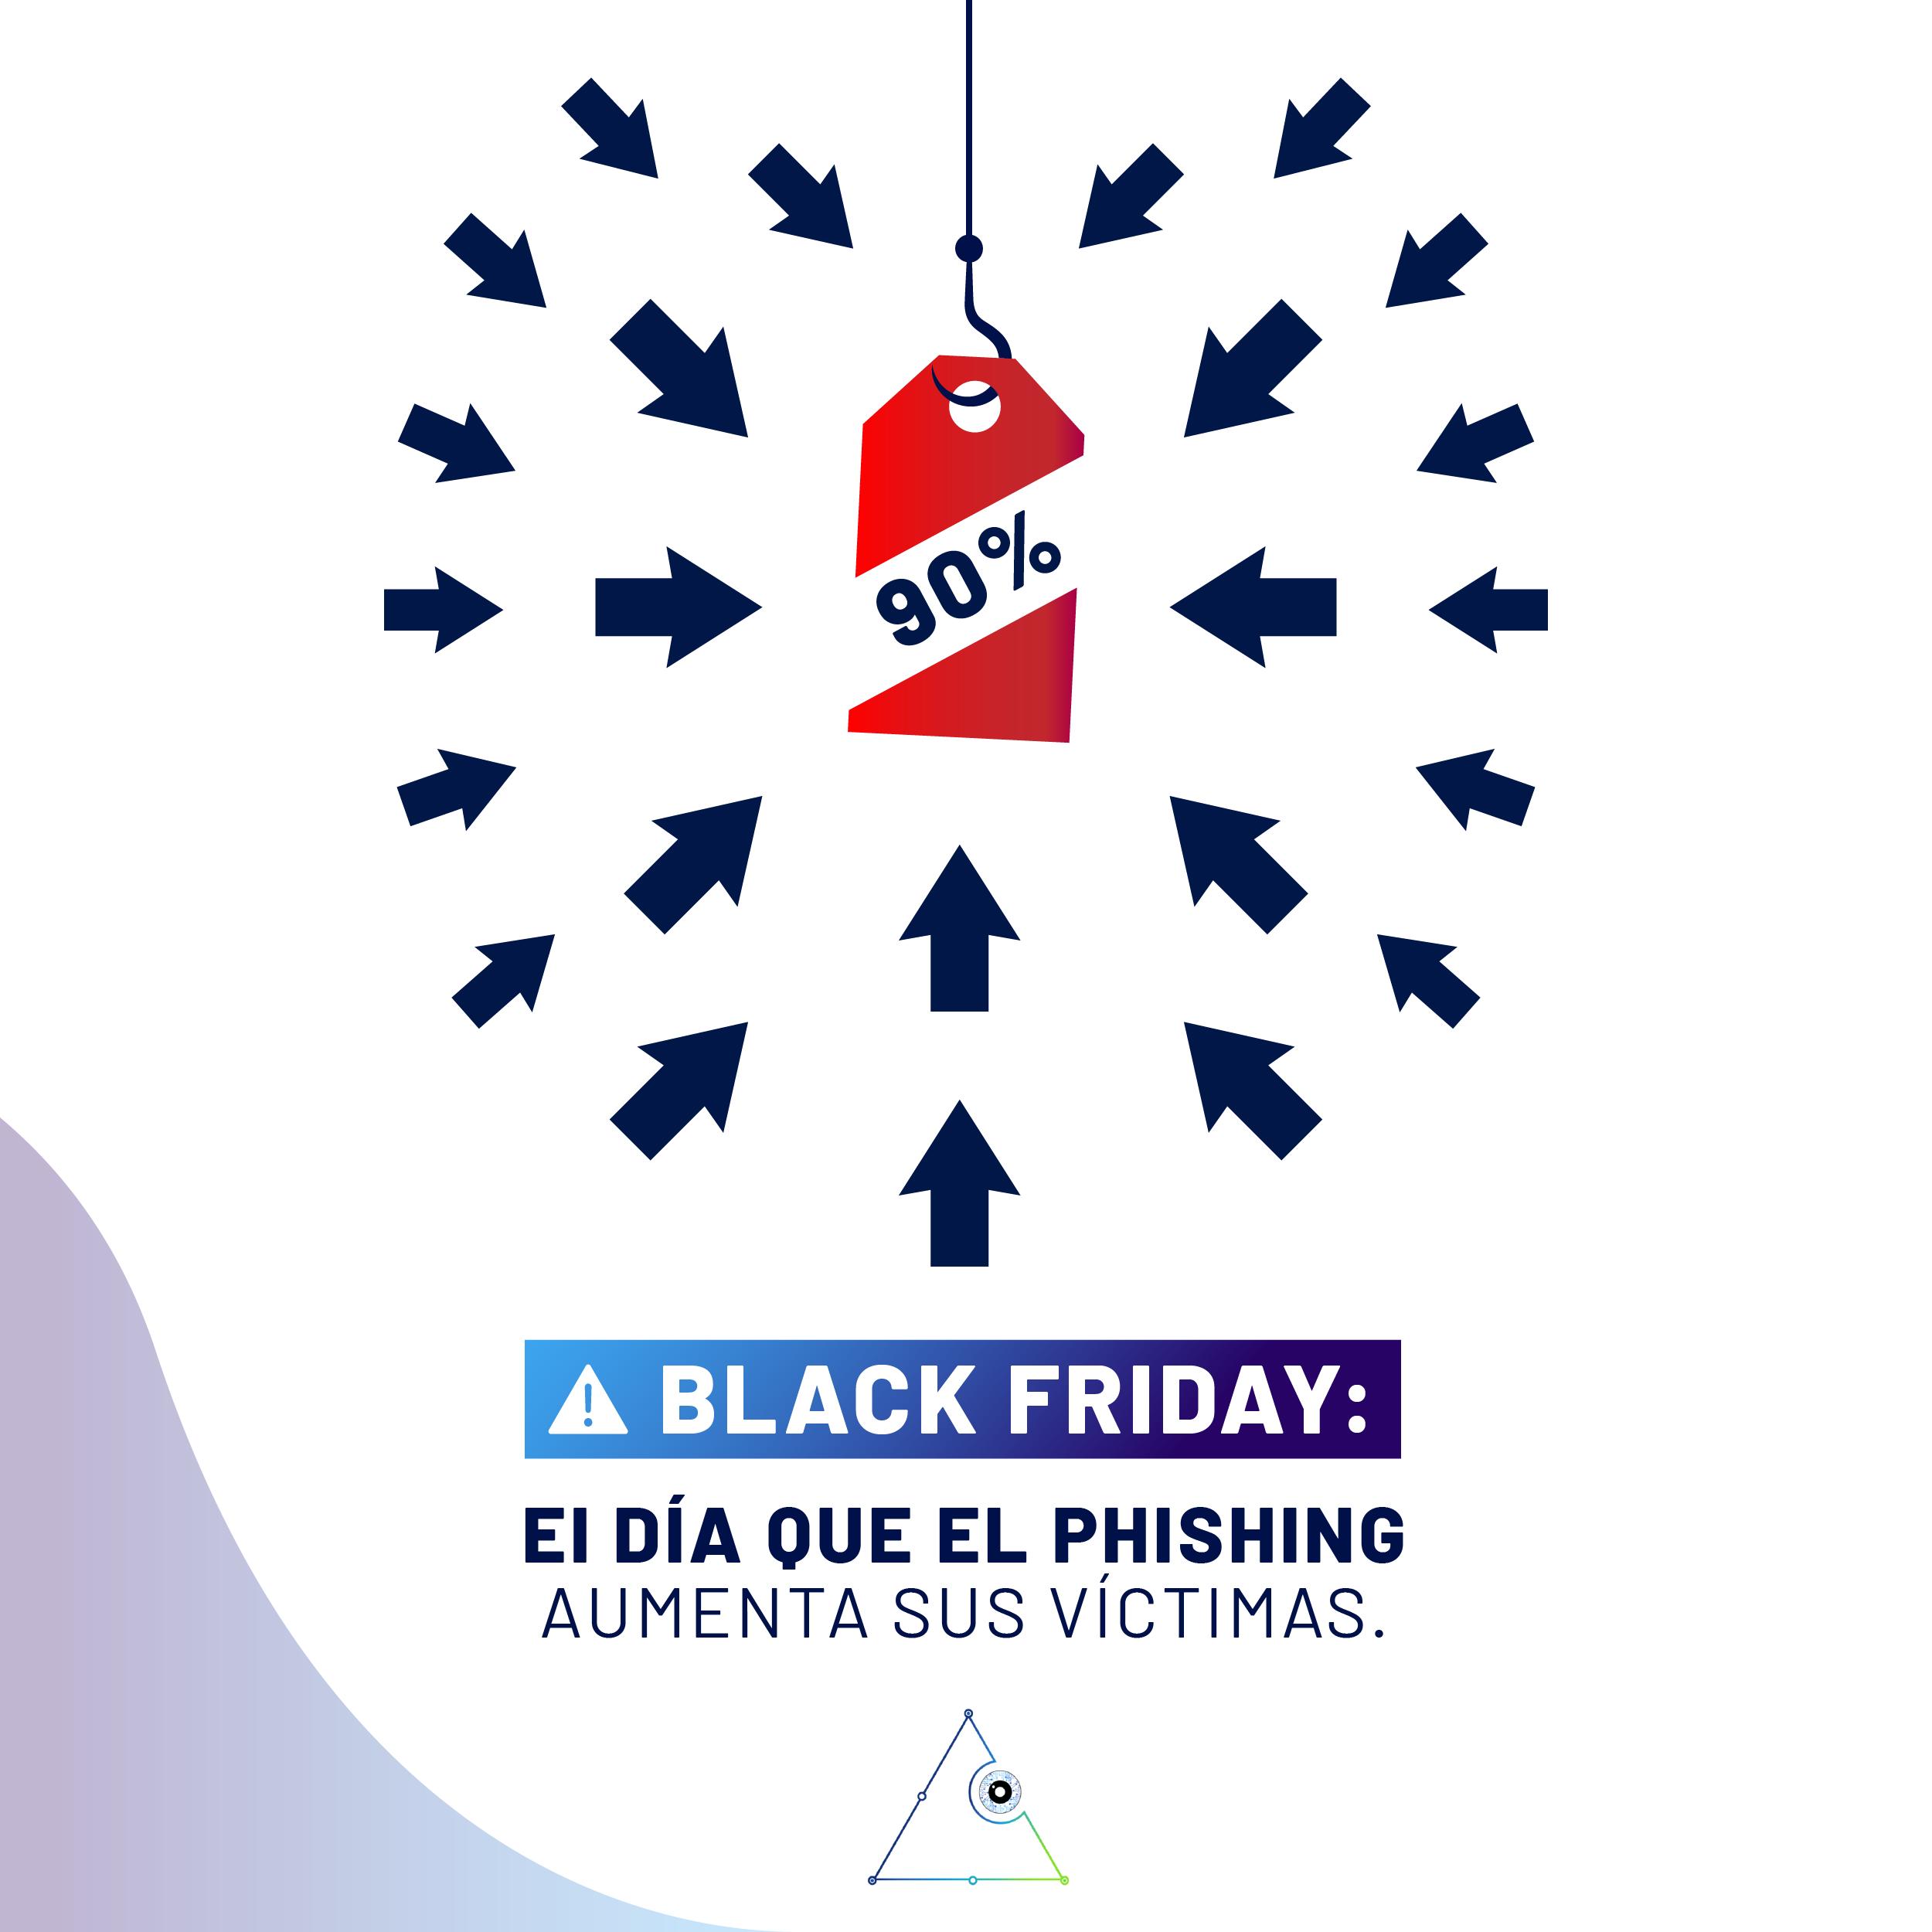 Black Friday El Dia Que El Phishing Aumenta Sus Victimas Cards Playing Cards Black Friday